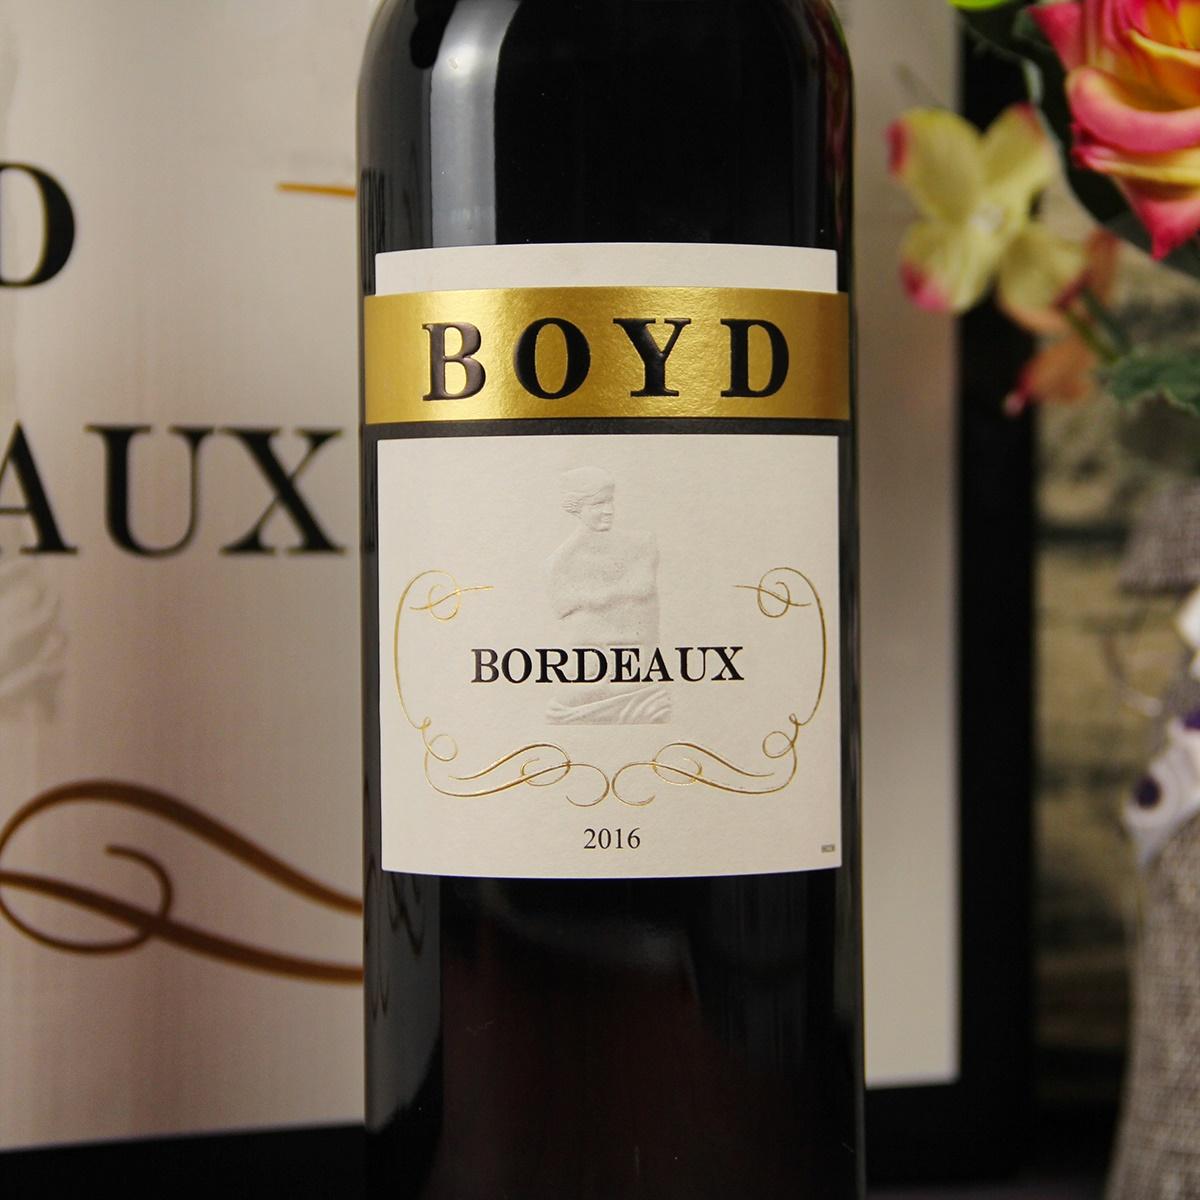 法國波爾多梅多克寶德康田莊園赤霞珠梅洛1855列級莊寶德康田莊園三牌干紅葡萄酒